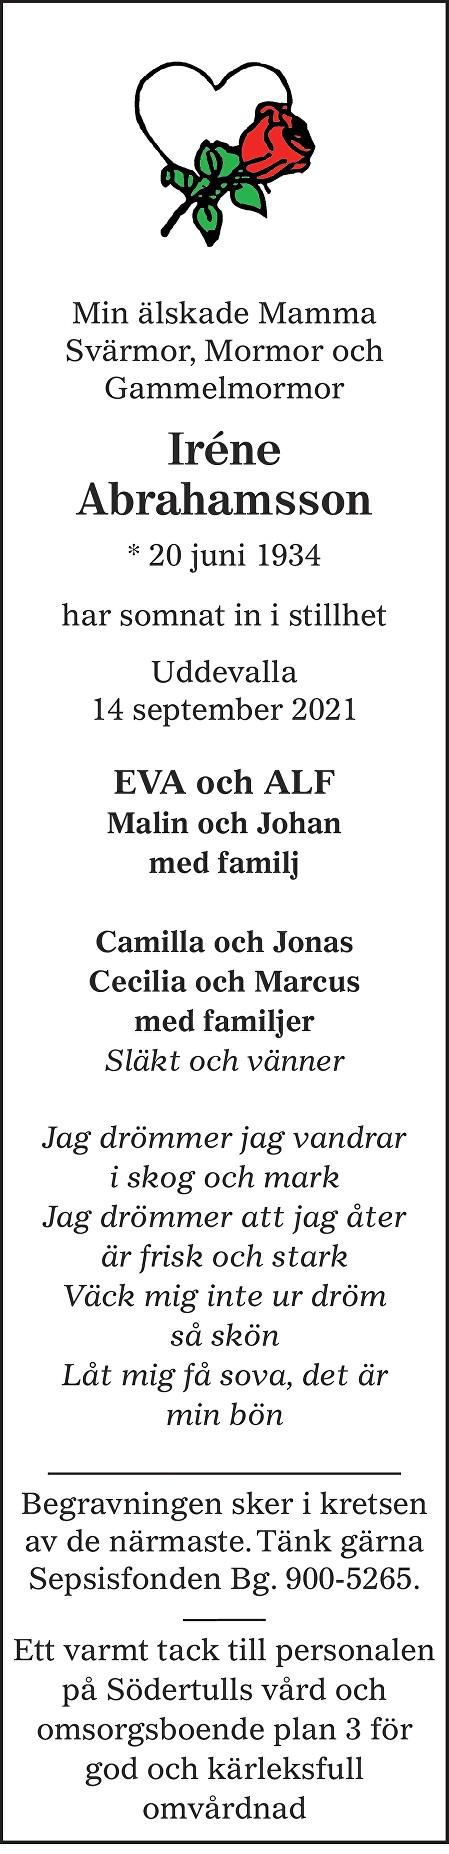 Iréne Abrahamsson Death notice